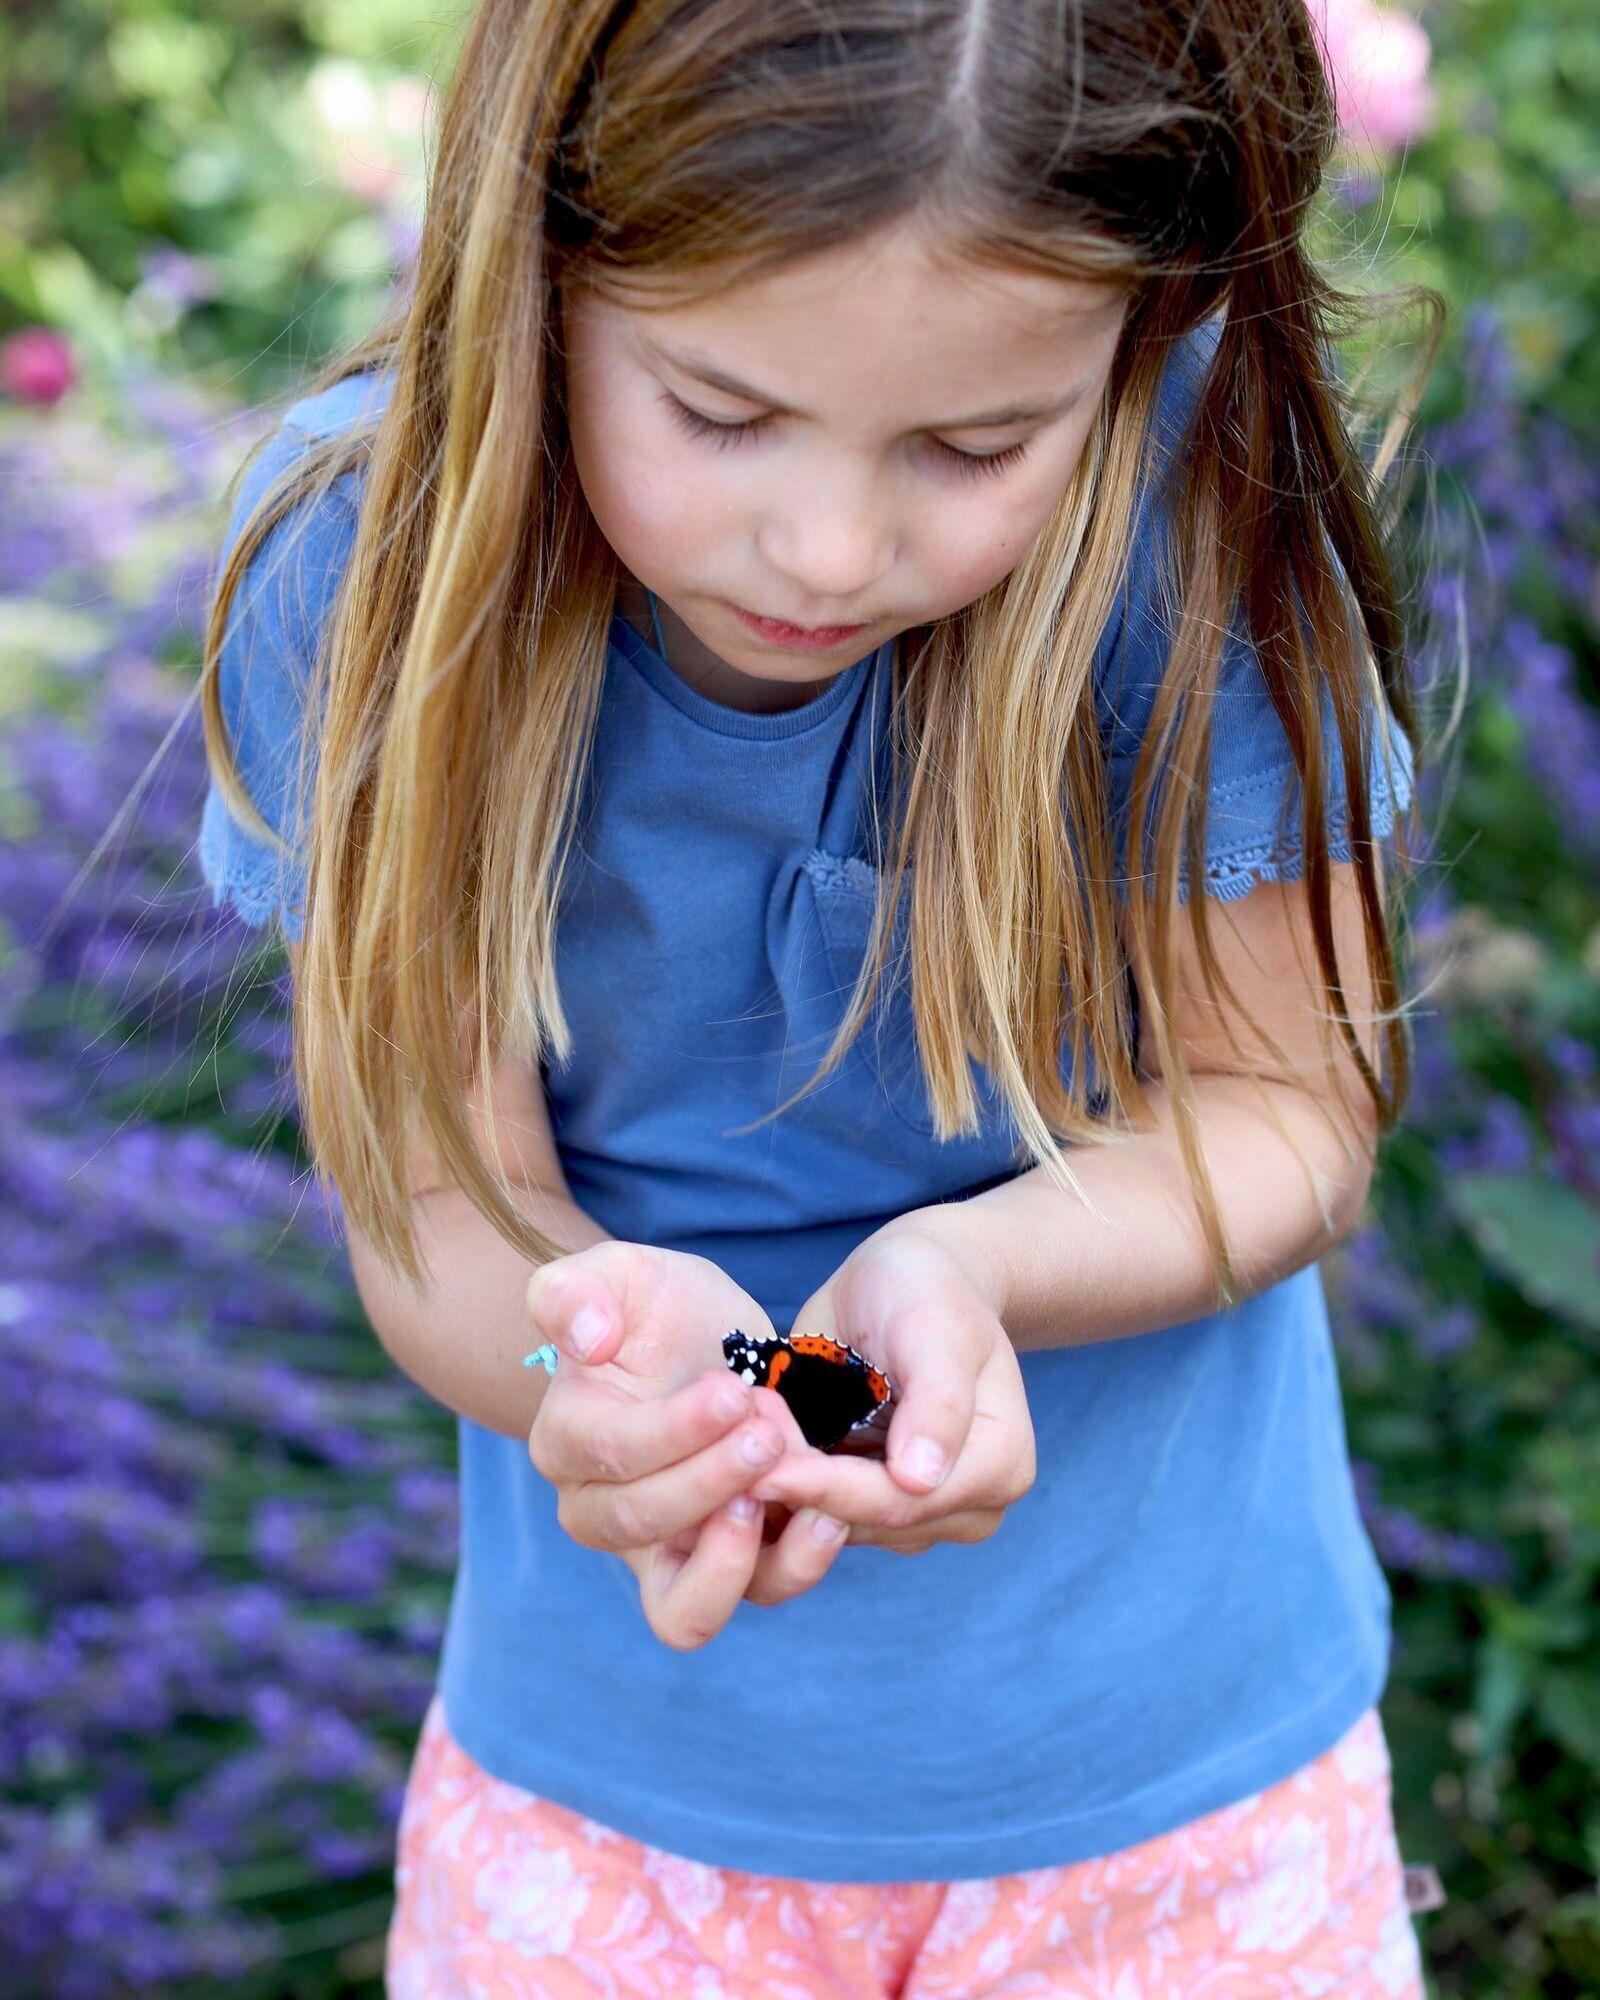 Принцесса Шарлотта нежно держит в руках бабочку вида красный адмирал